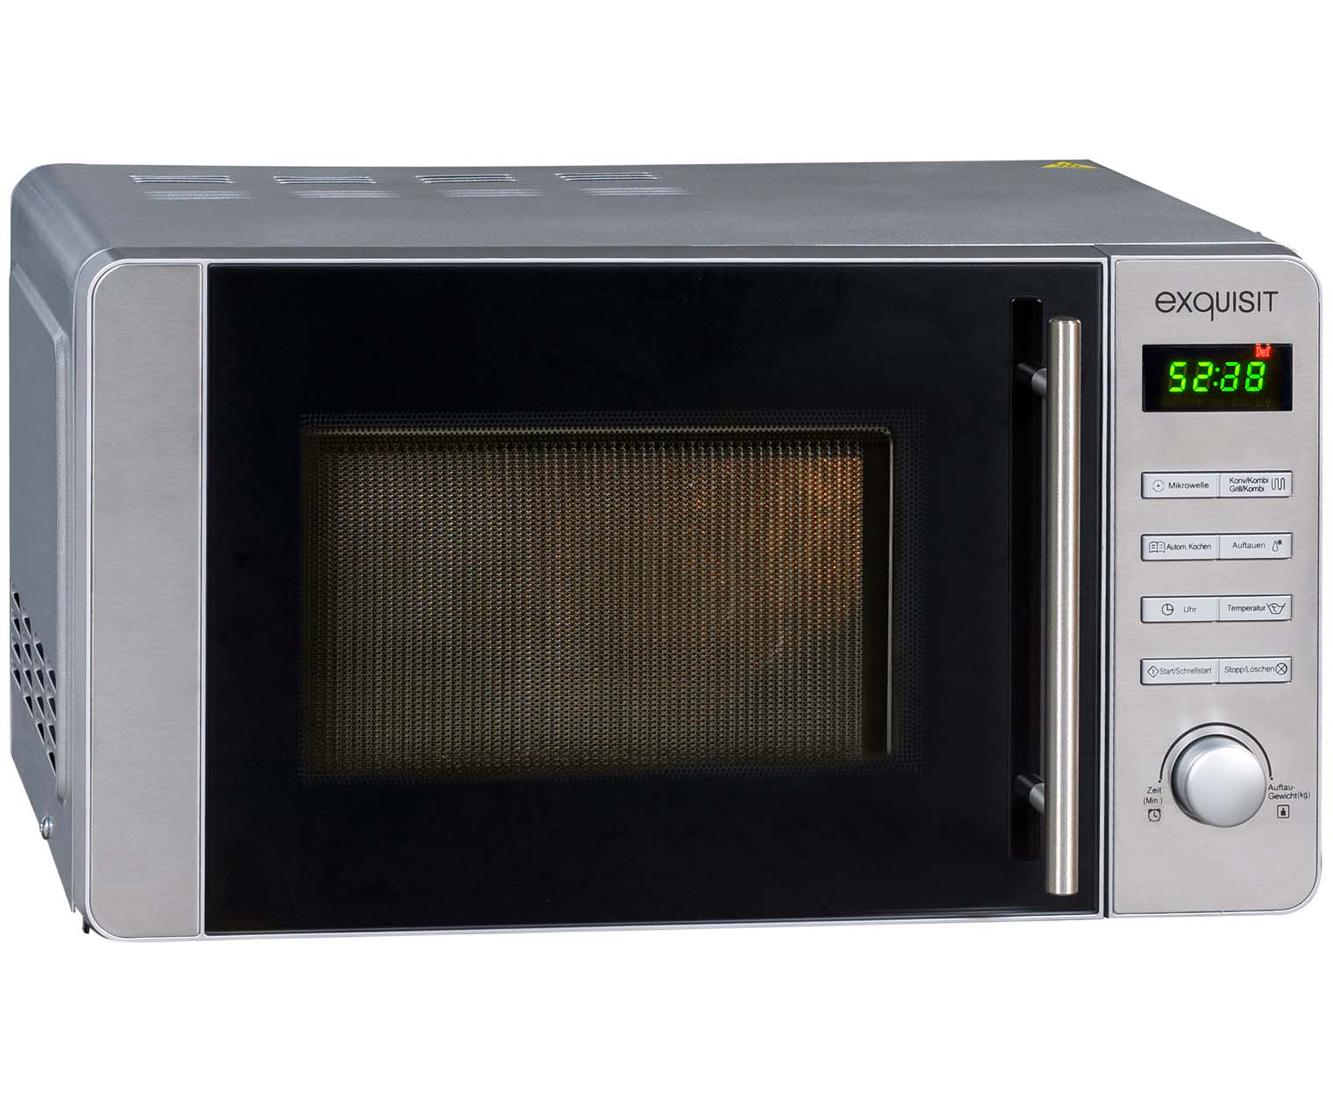 ... Exquisit MW8020H Mikrowelle Mit Heißluft Und Grill, 20 Liter   800 Watt    Silber ...